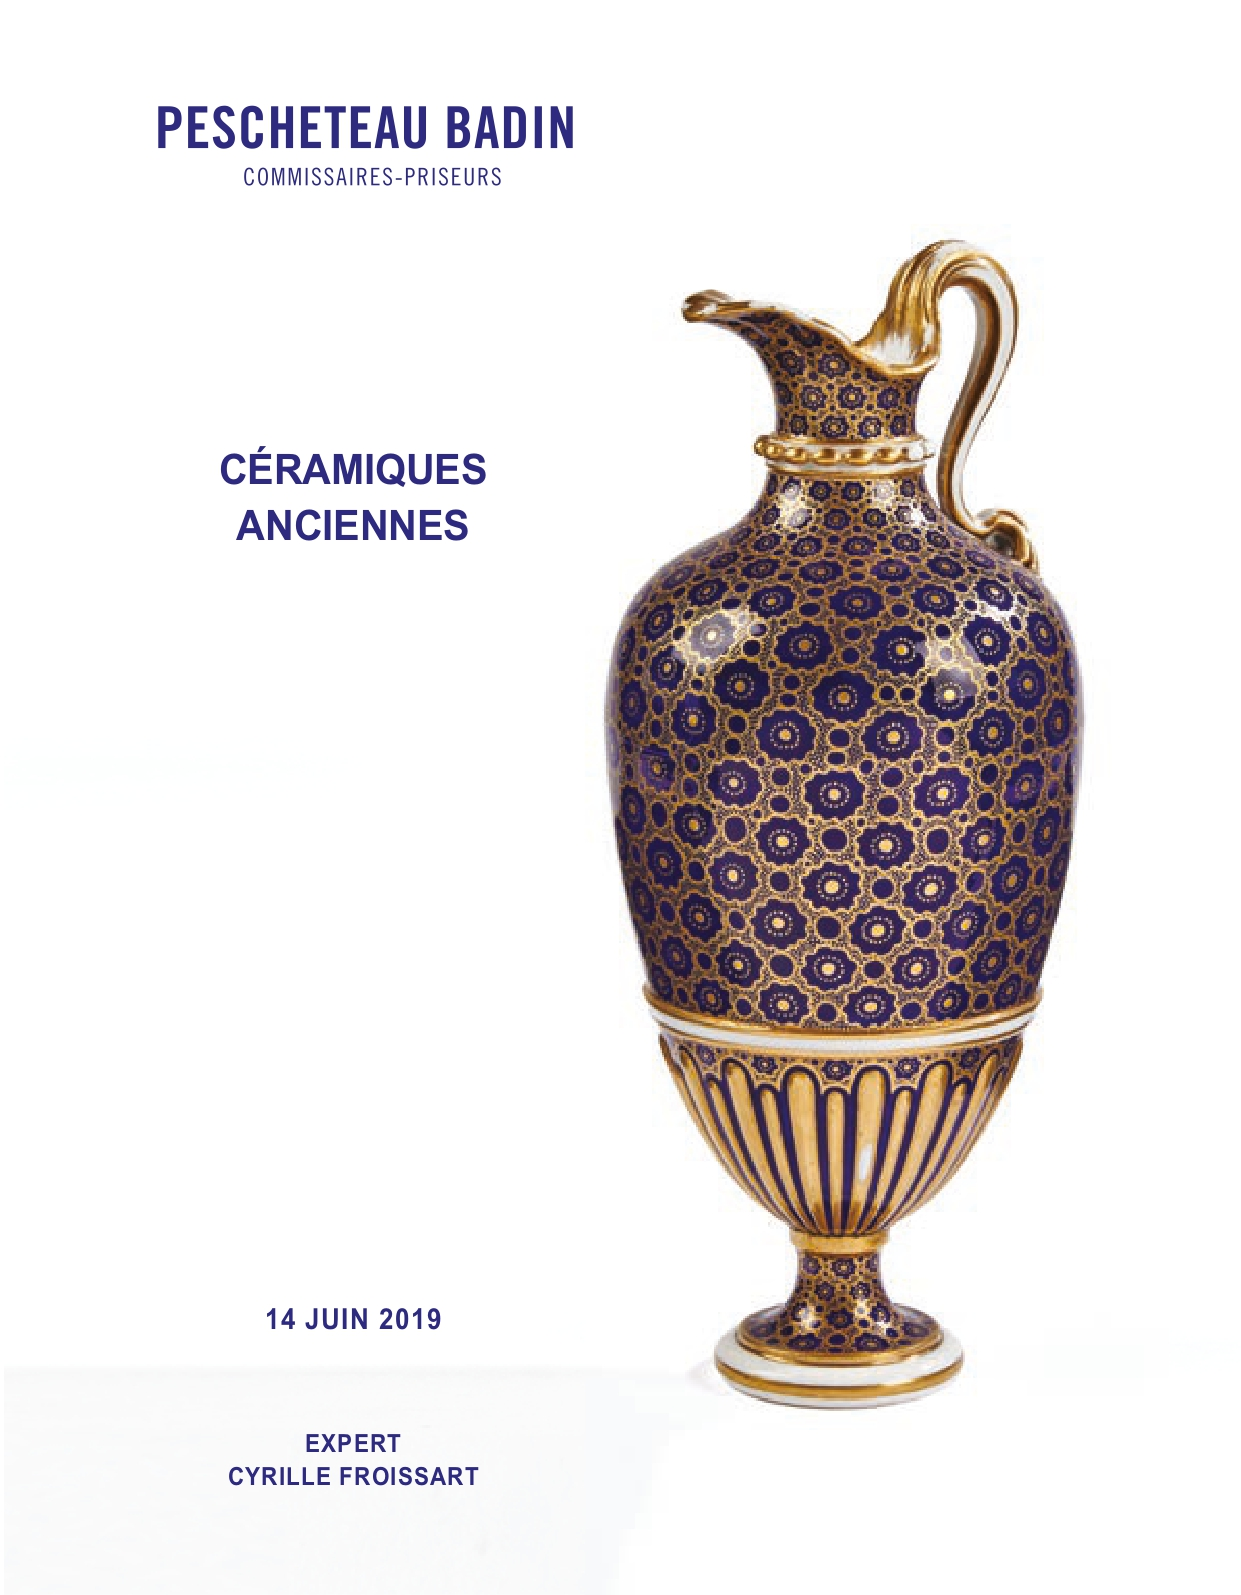 Vente Céramiques Anciennes chez Pescheteau-Badin : 172 lots